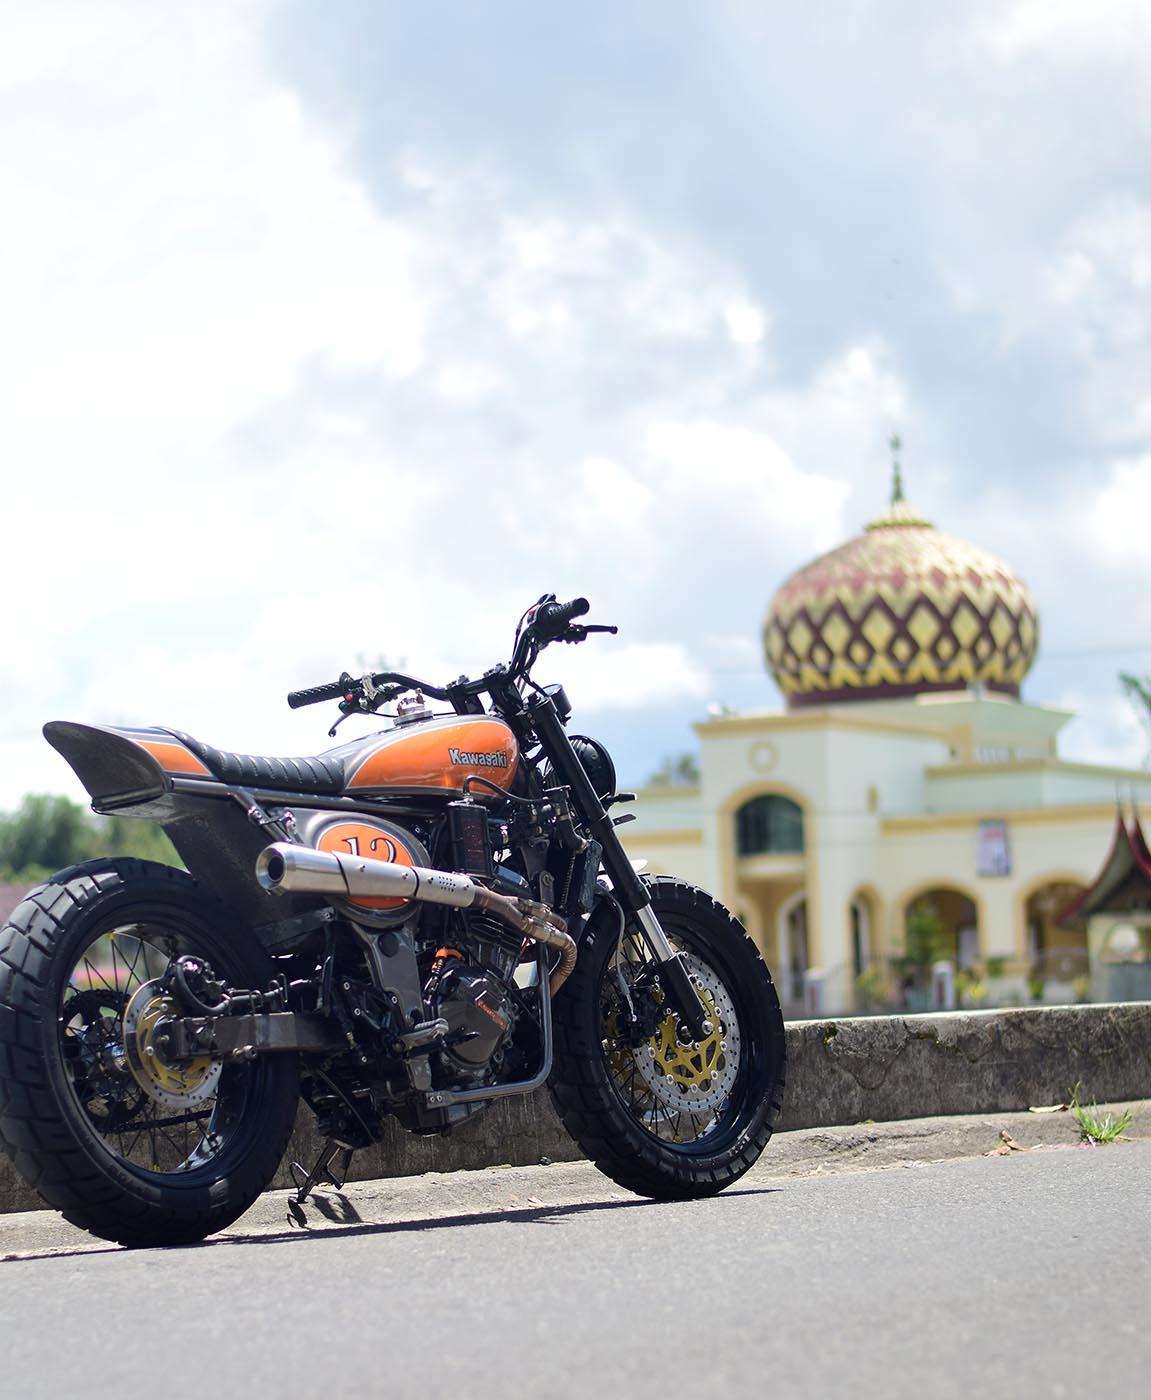 Modifikasi Kawasaki Ninja 250 Custom